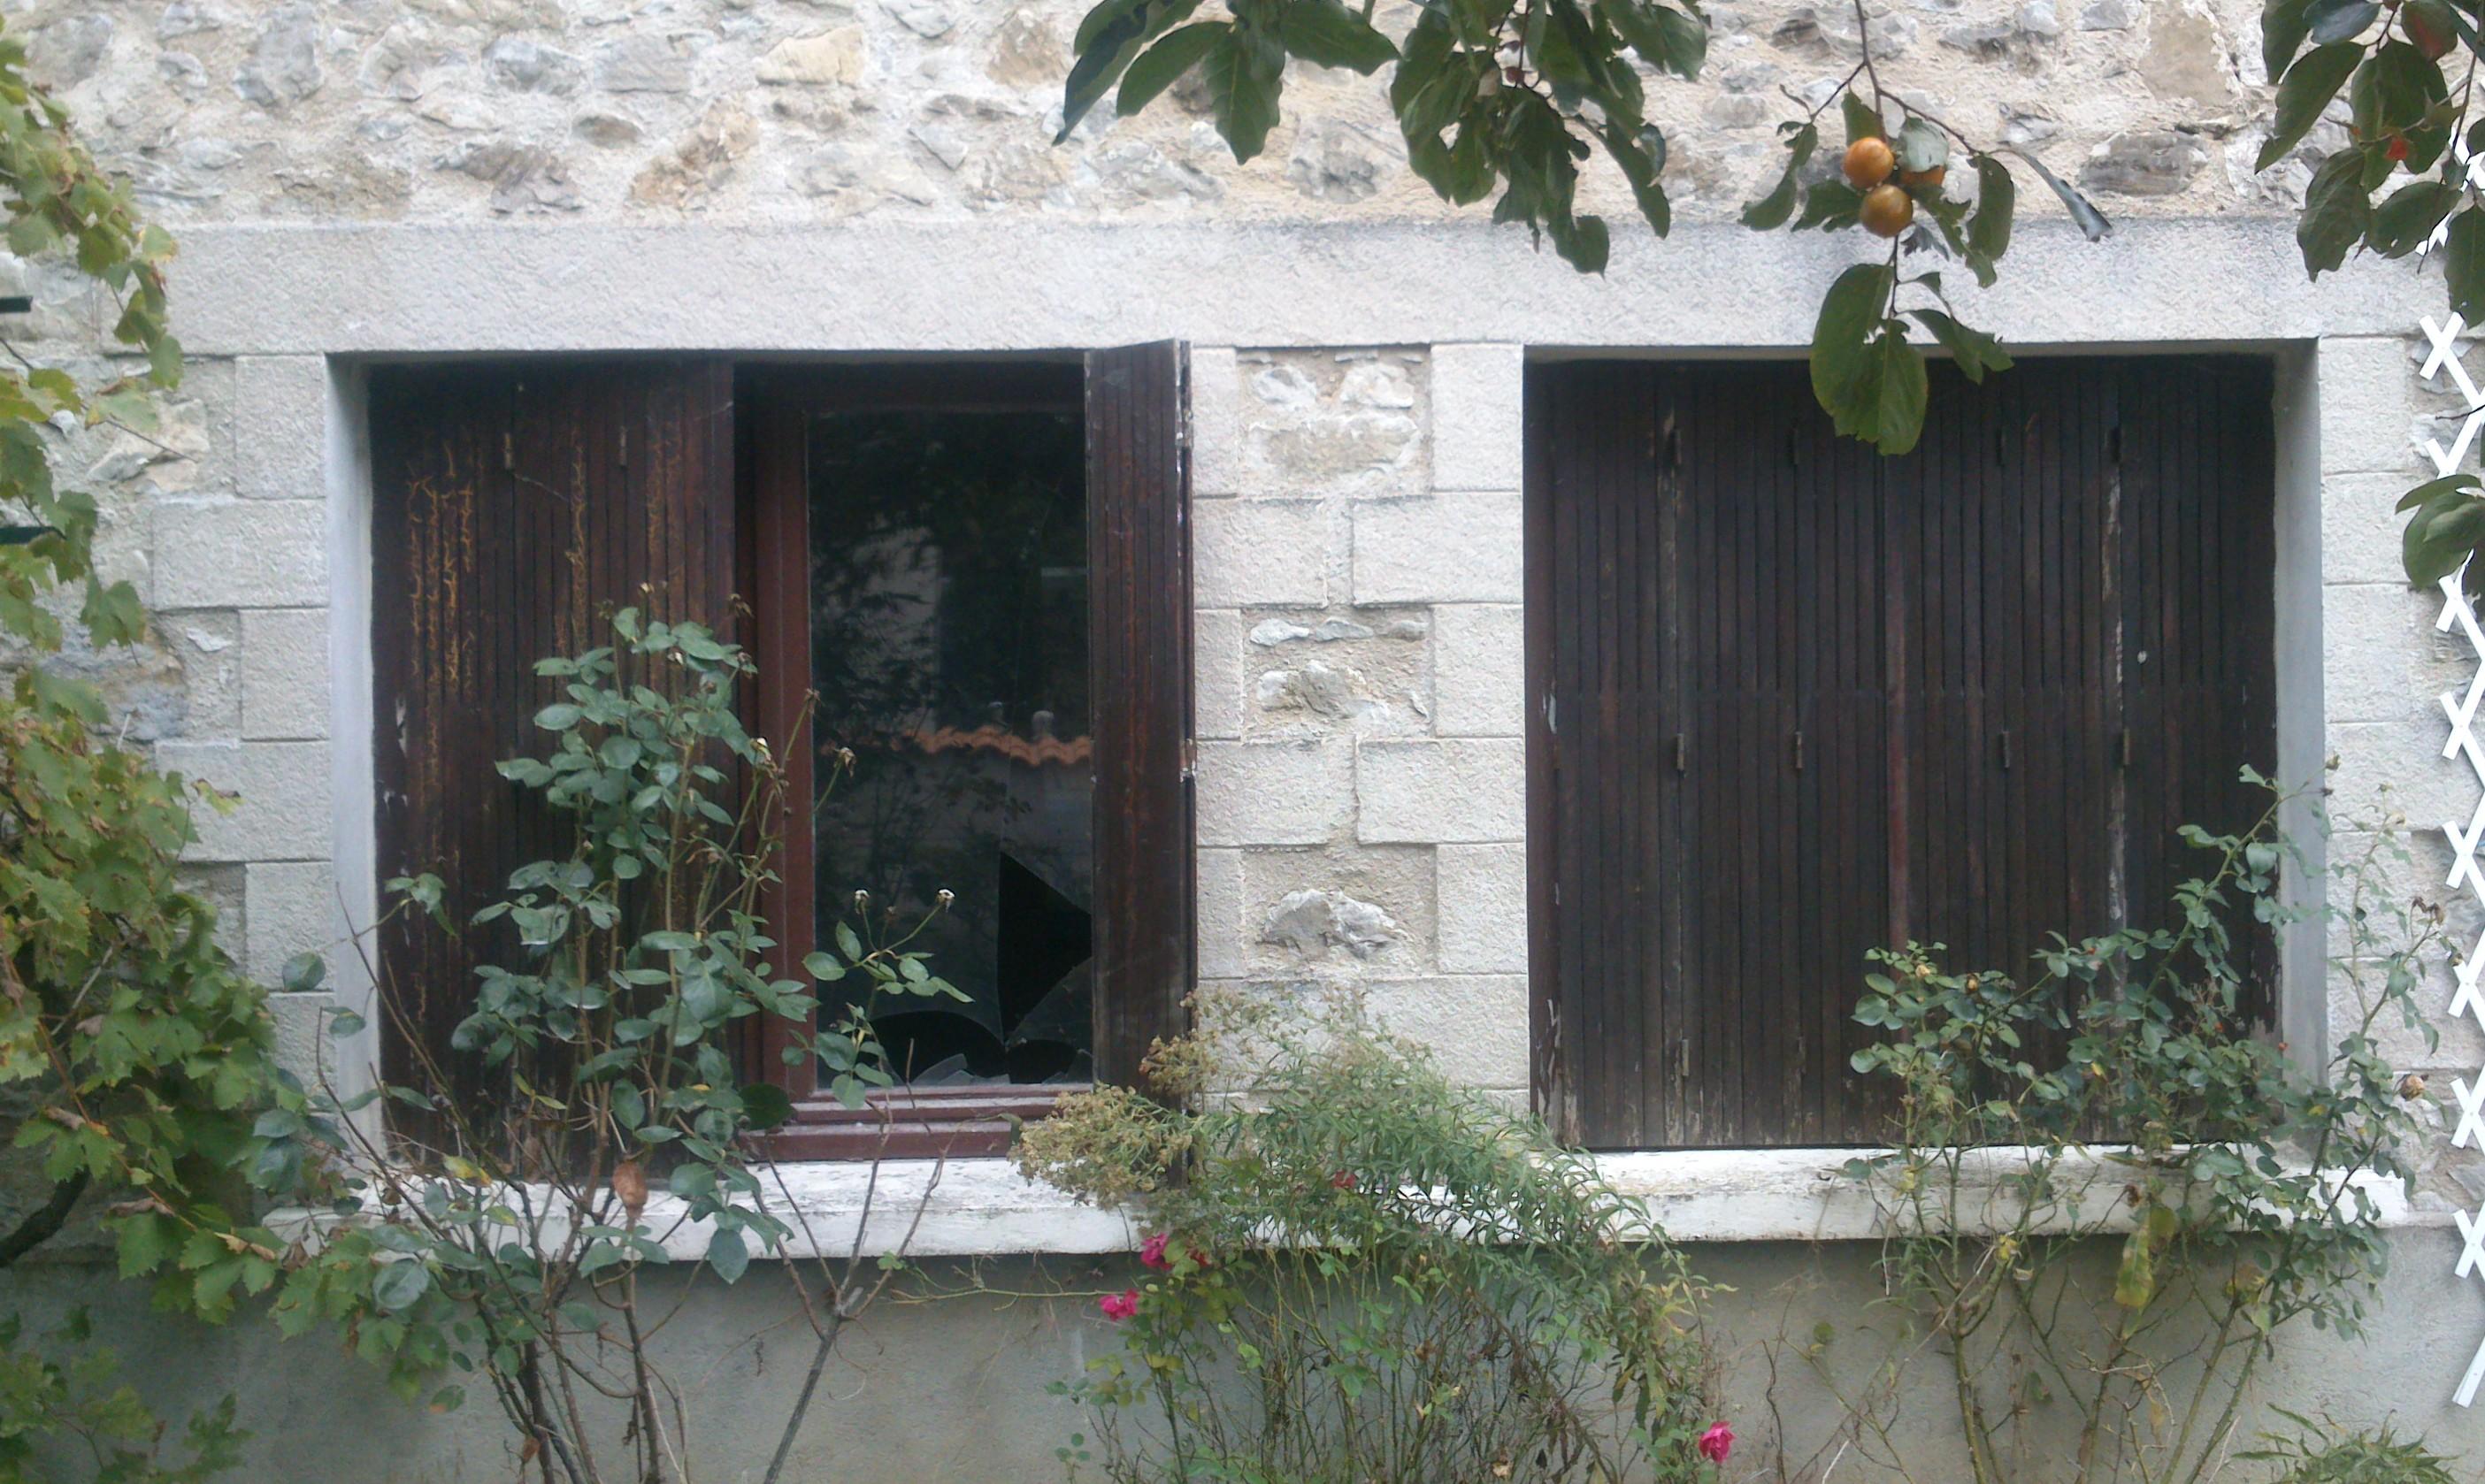 rénovation fenêtres aluminium et volets roulants